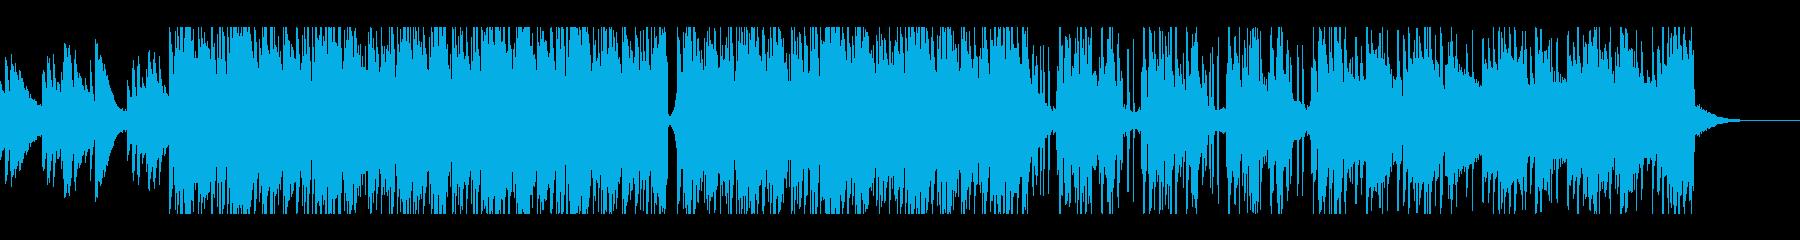 Lofi HIPHOPゆったりしたビートの再生済みの波形